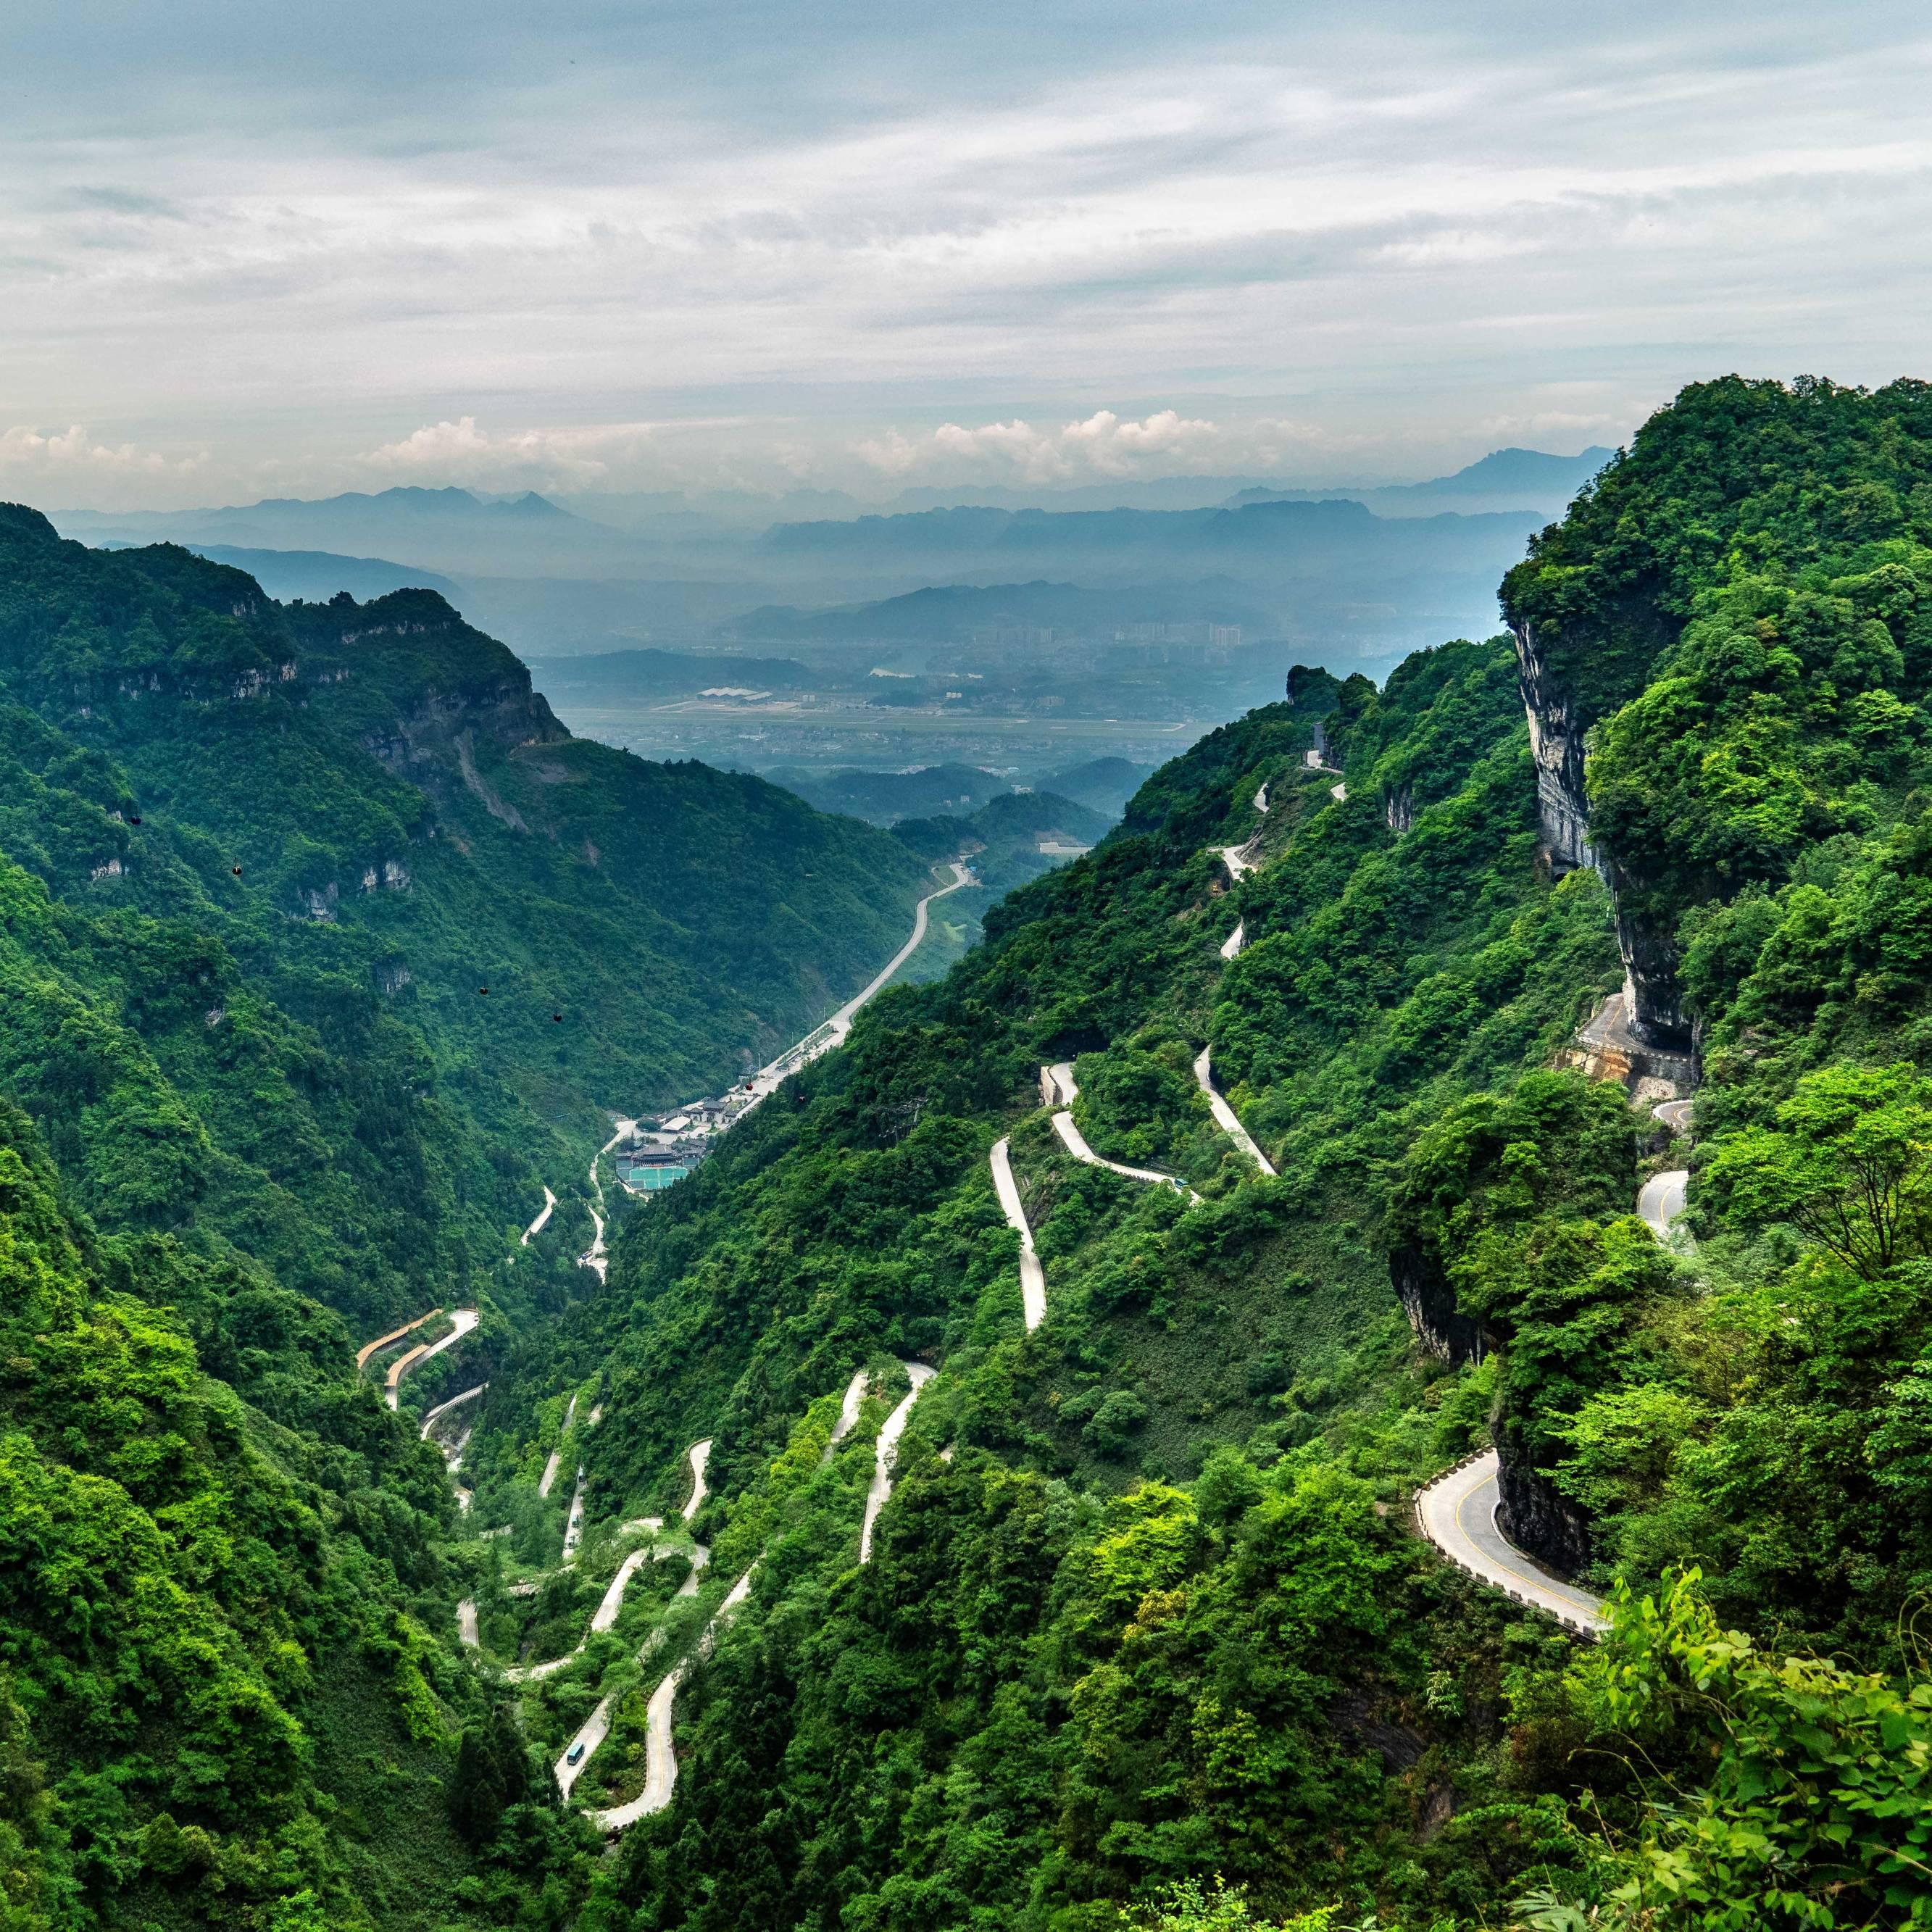 Street to Tianmen Mountain